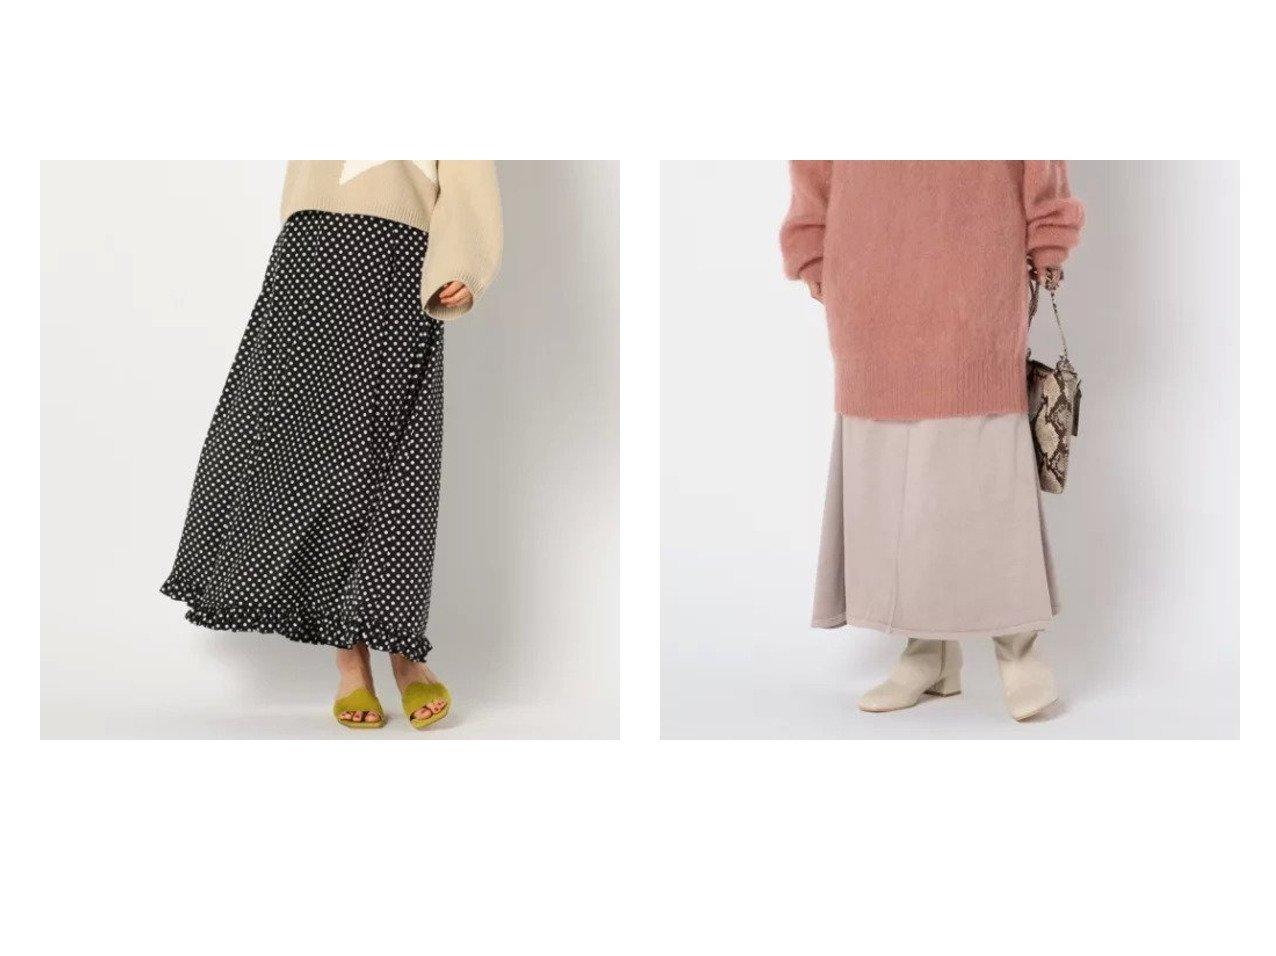 【Rie Miller/リエミラー】のフラウンスヘムマキシ丈スカート&【NOLLEY'S/ノーリーズ】のカットスカート スカートのおすすめ!人気トレンド・レディースファッションの通販 おすすめで人気の流行・トレンド、ファッションの通販商品 メンズファッション・キッズファッション・インテリア・家具・レディースファッション・服の通販 founy(ファニー) https://founy.com/ ファッション Fashion レディースファッション WOMEN スカート Skirt ドット ドレープ フェミニン フリル プリント マキシ ロング  ID:crp329100000008987